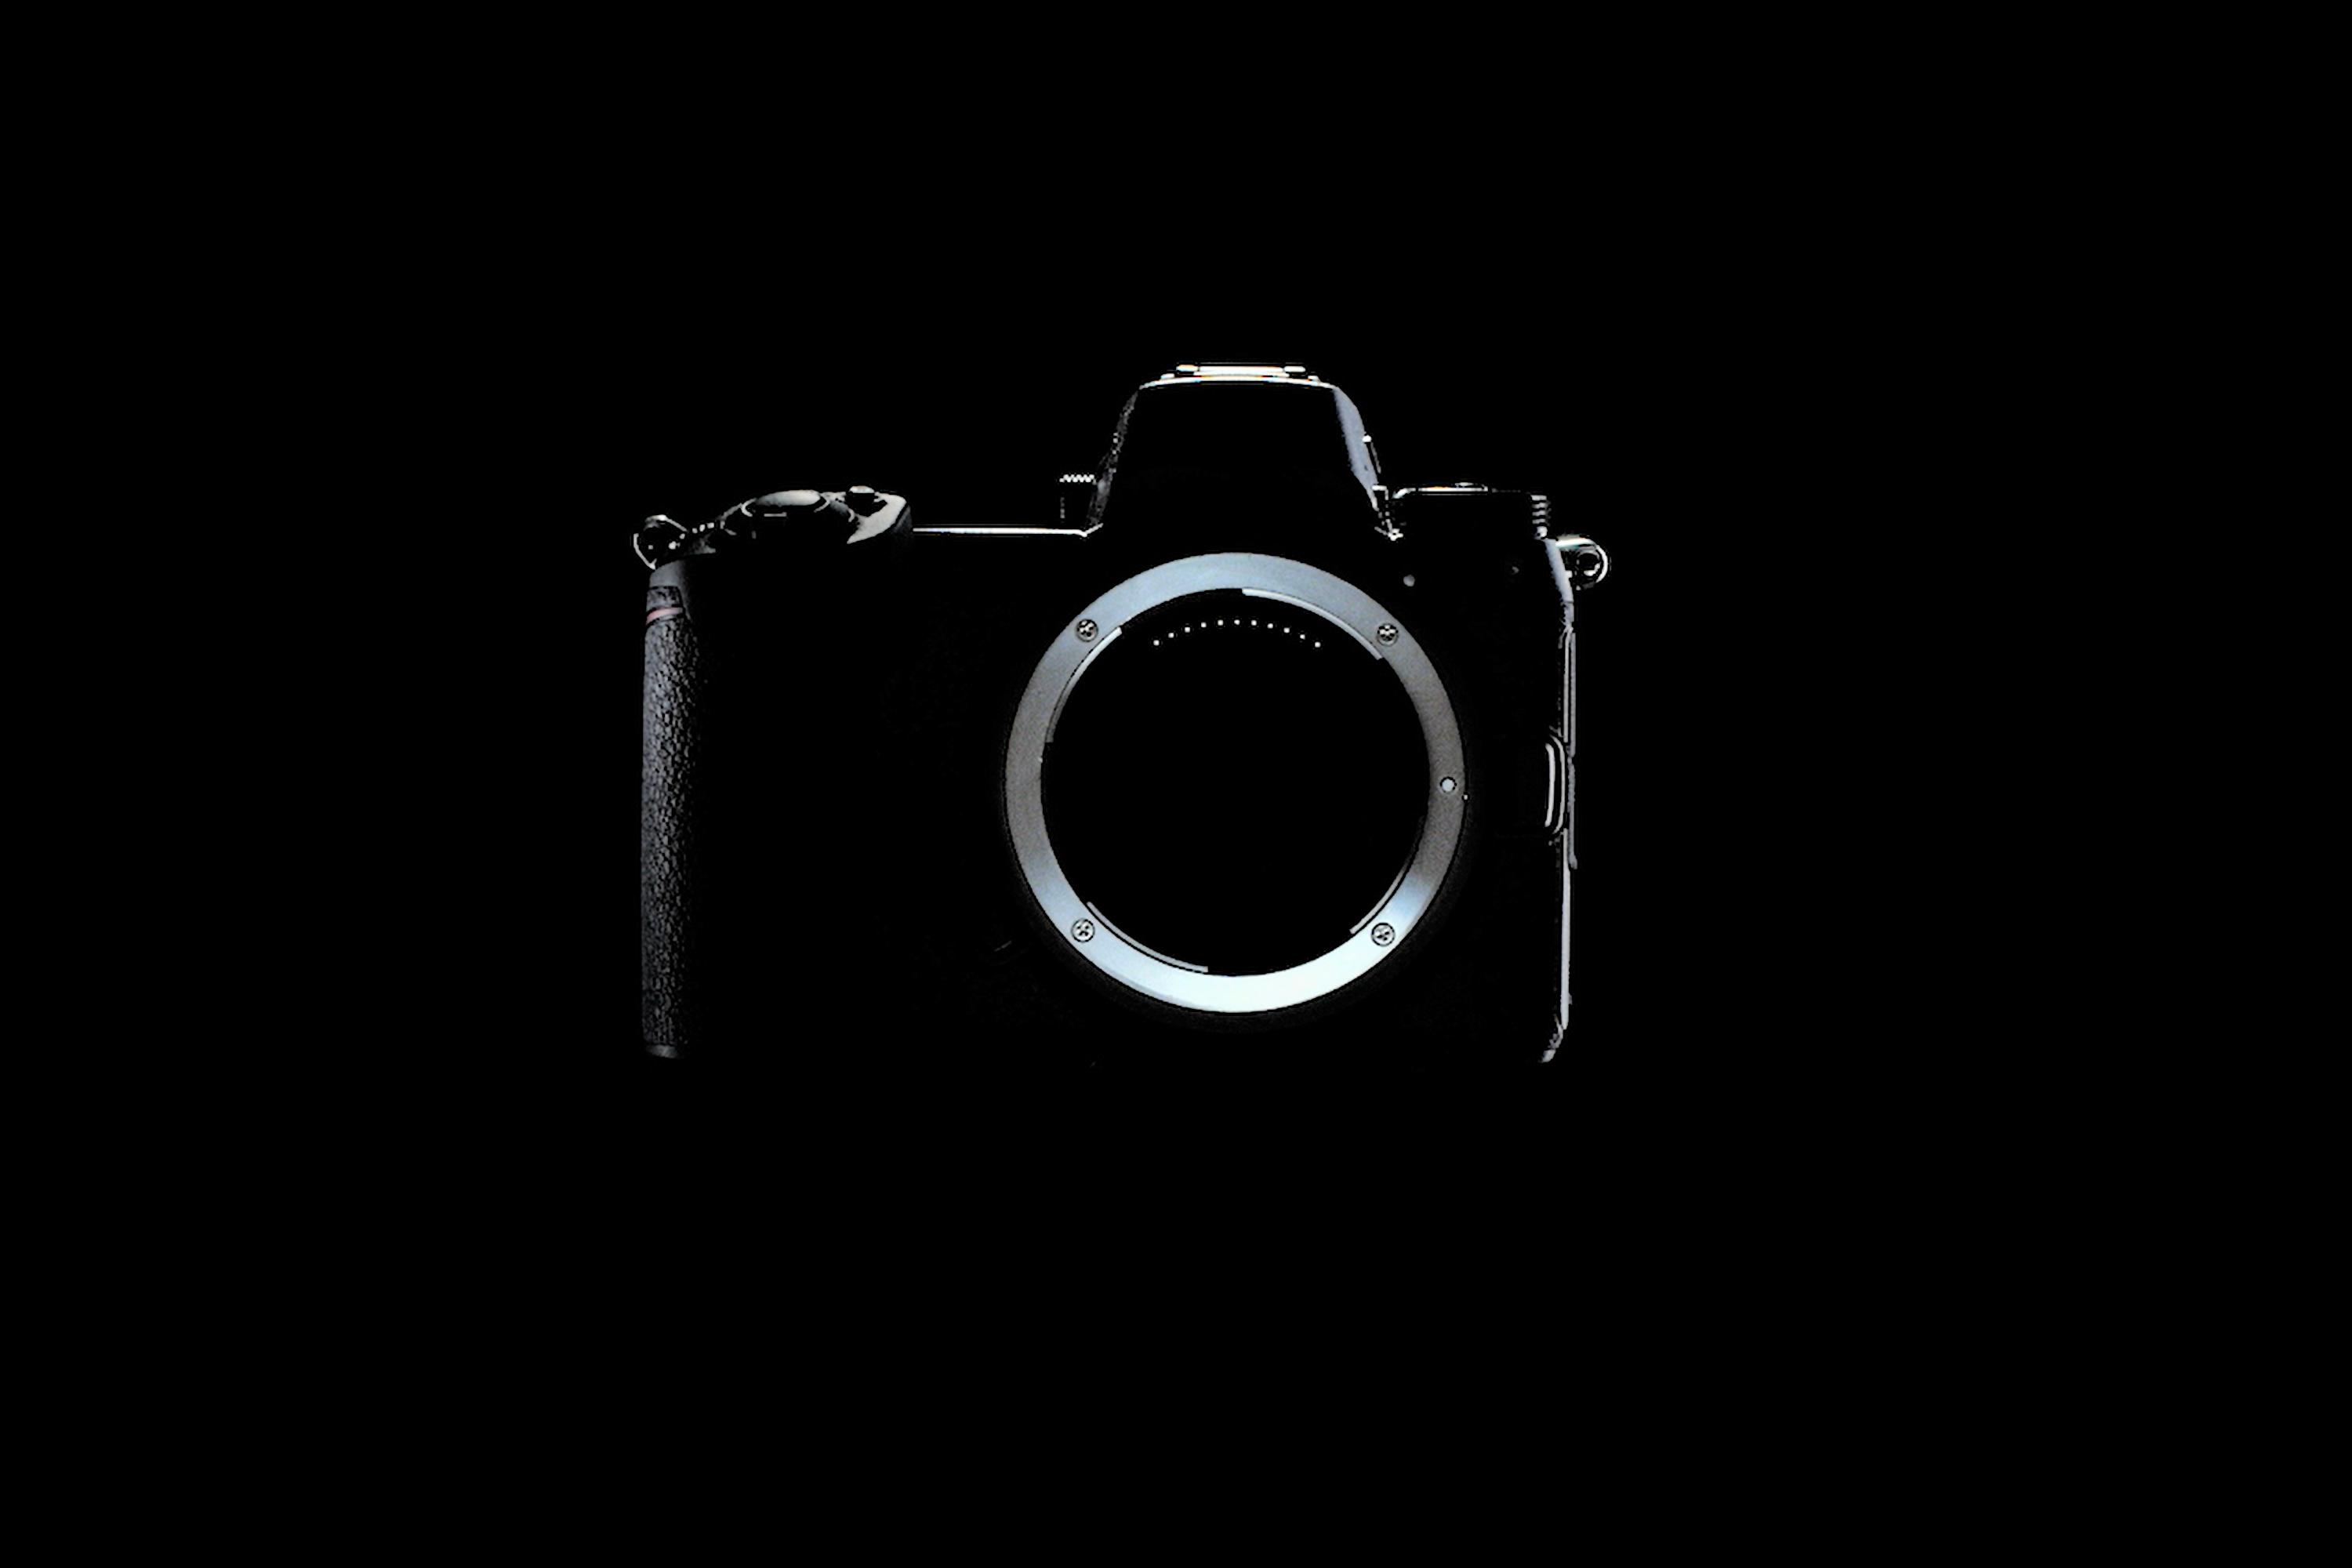 ニコン新フルサイズミラーレスカメラ